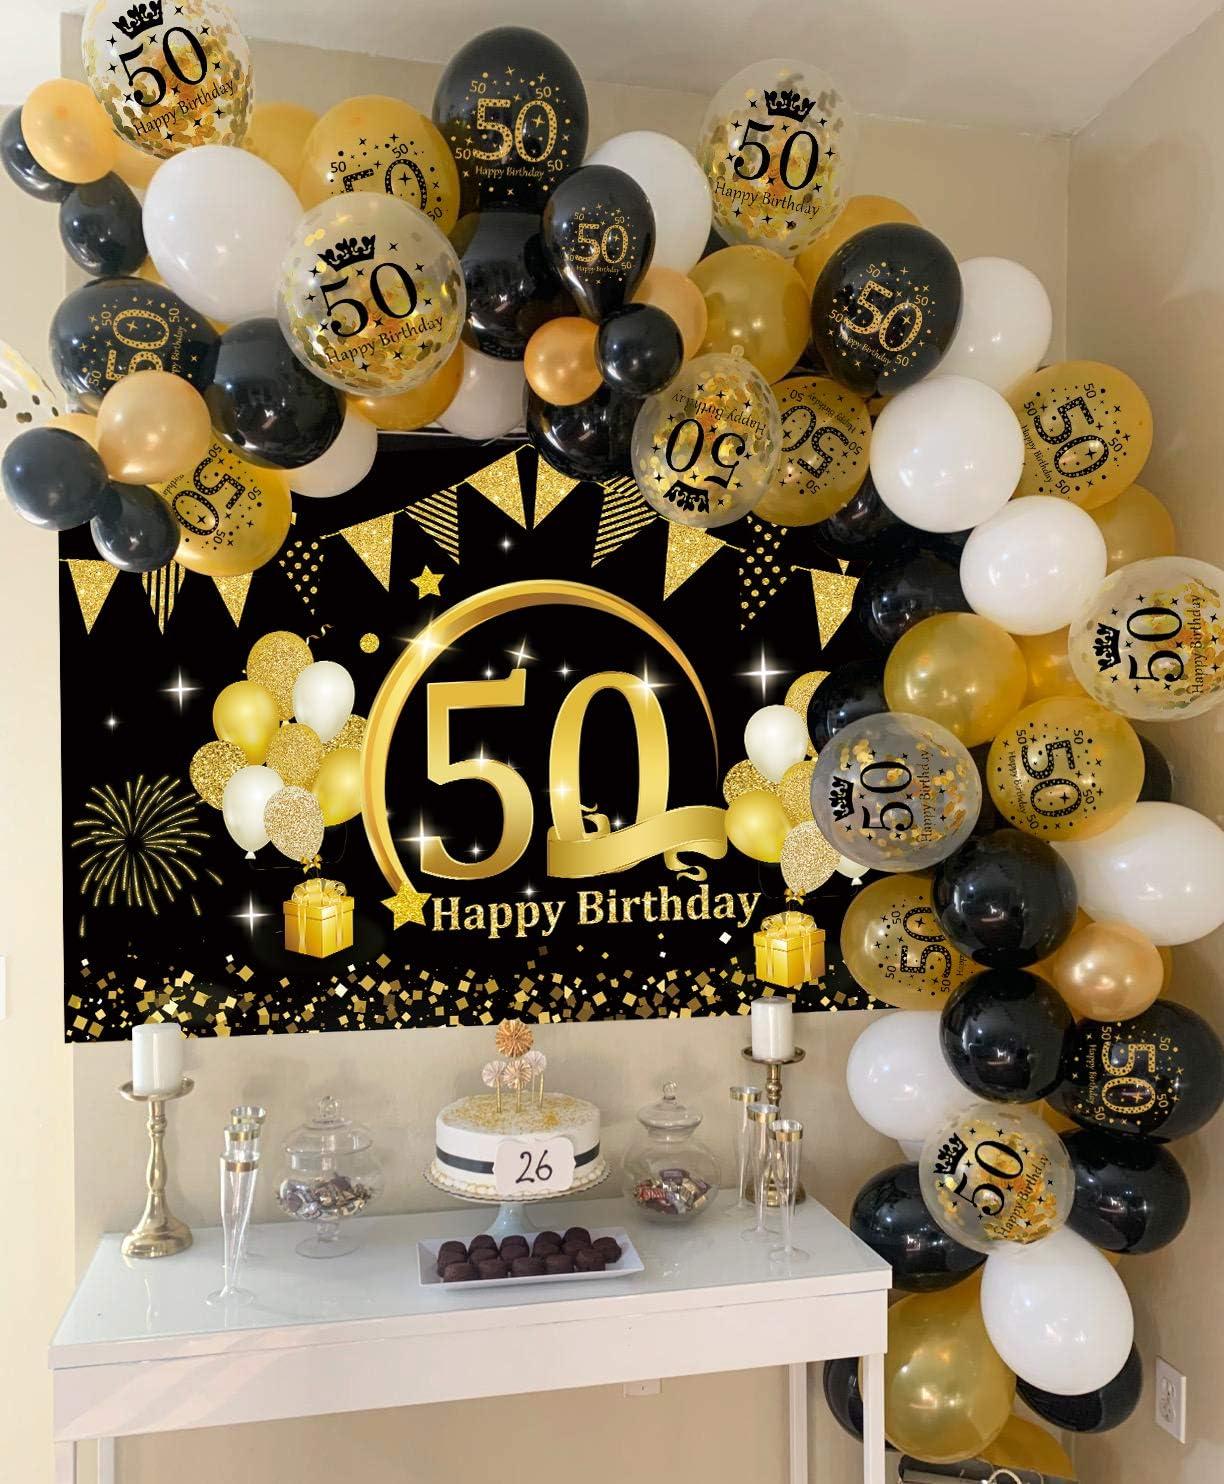 APERIL 40 Geburtstag Dekoration Schwarz Gold 40 Geburtstag Party Dekor f/ür Frau Mann Geburtstagsdeko Gro/ße Stoff Schild Poster zum 40 Luftballons Schwarz Gold 40 Jahrestag Hintergrund Banner 40